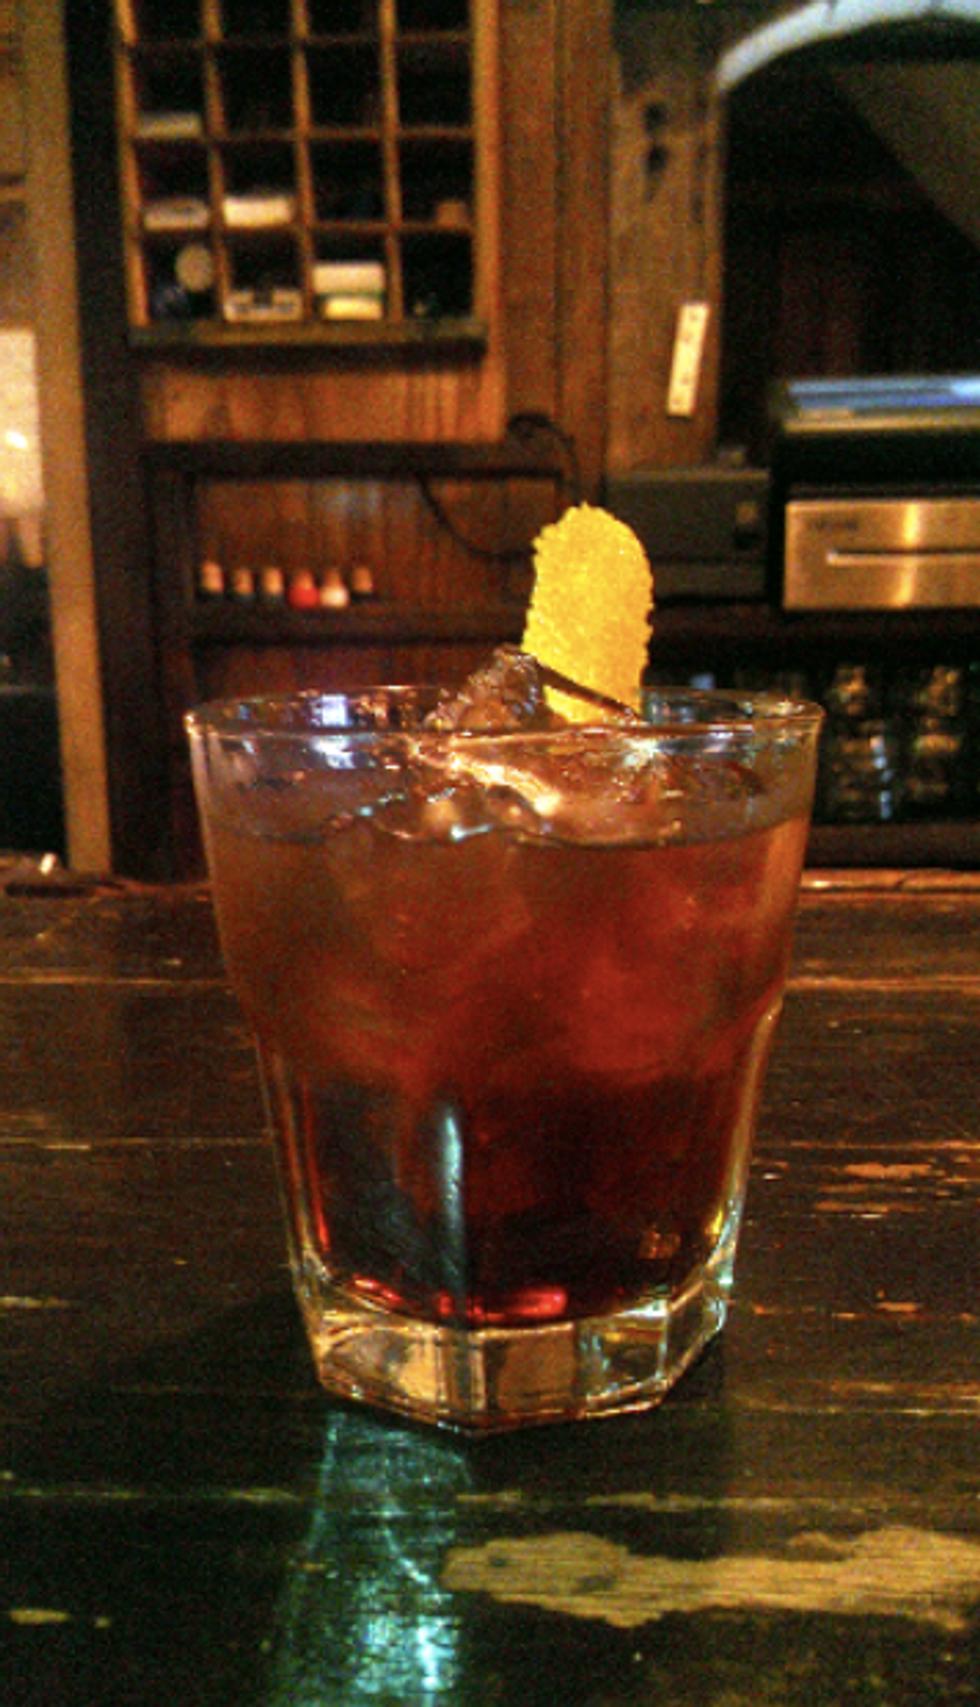 The Thunderdome: Manhattan Inn's Ode to Fernet Branca